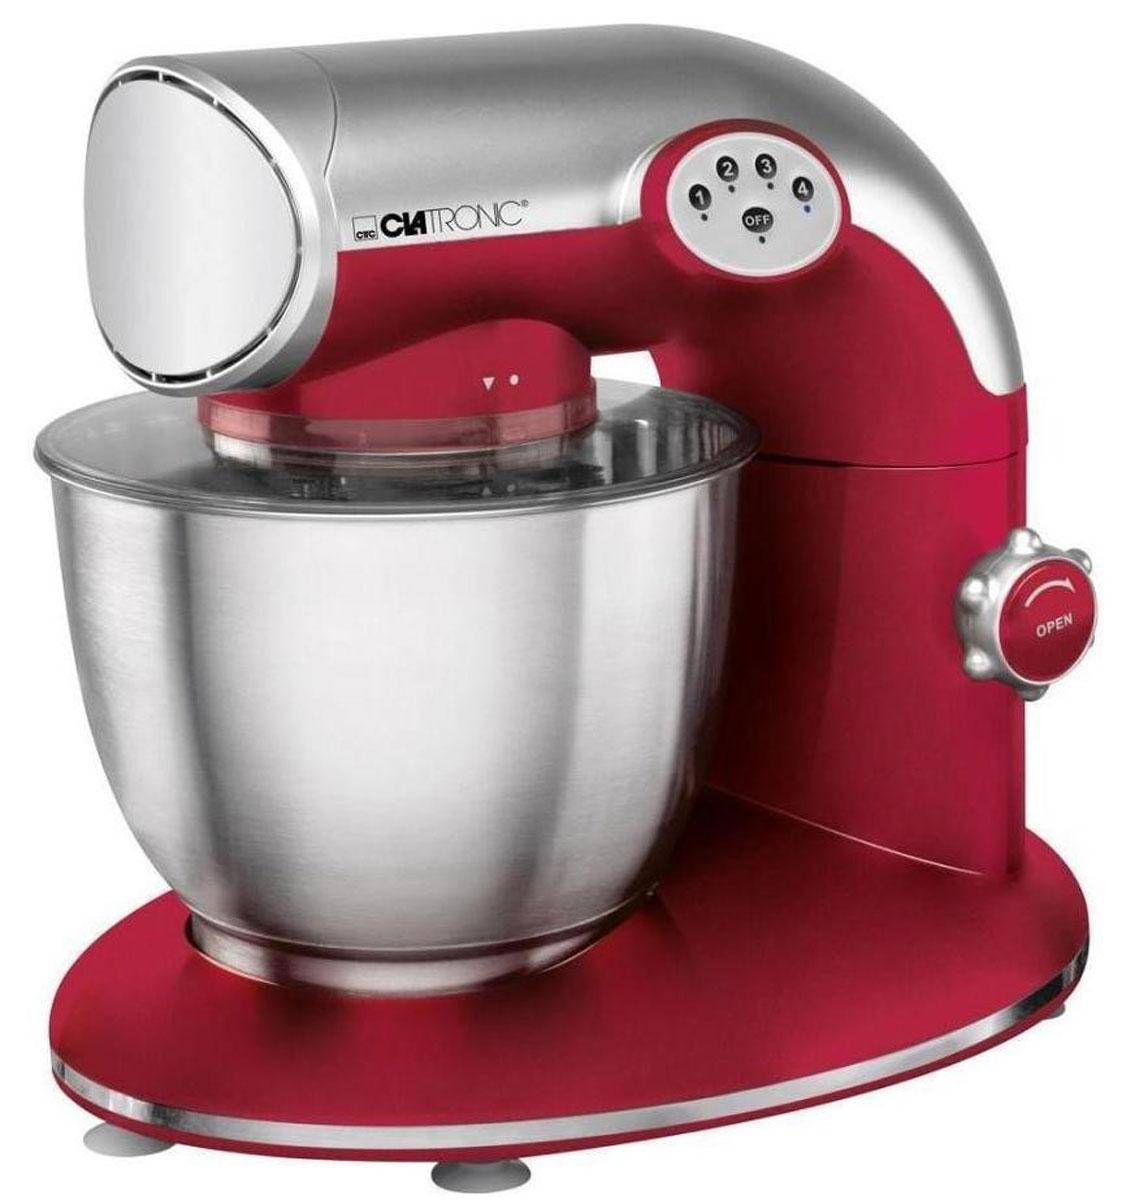 Clatronic KM 3632, Red кухонный комбайн кухонный комбайн clatronic km 3414 silver